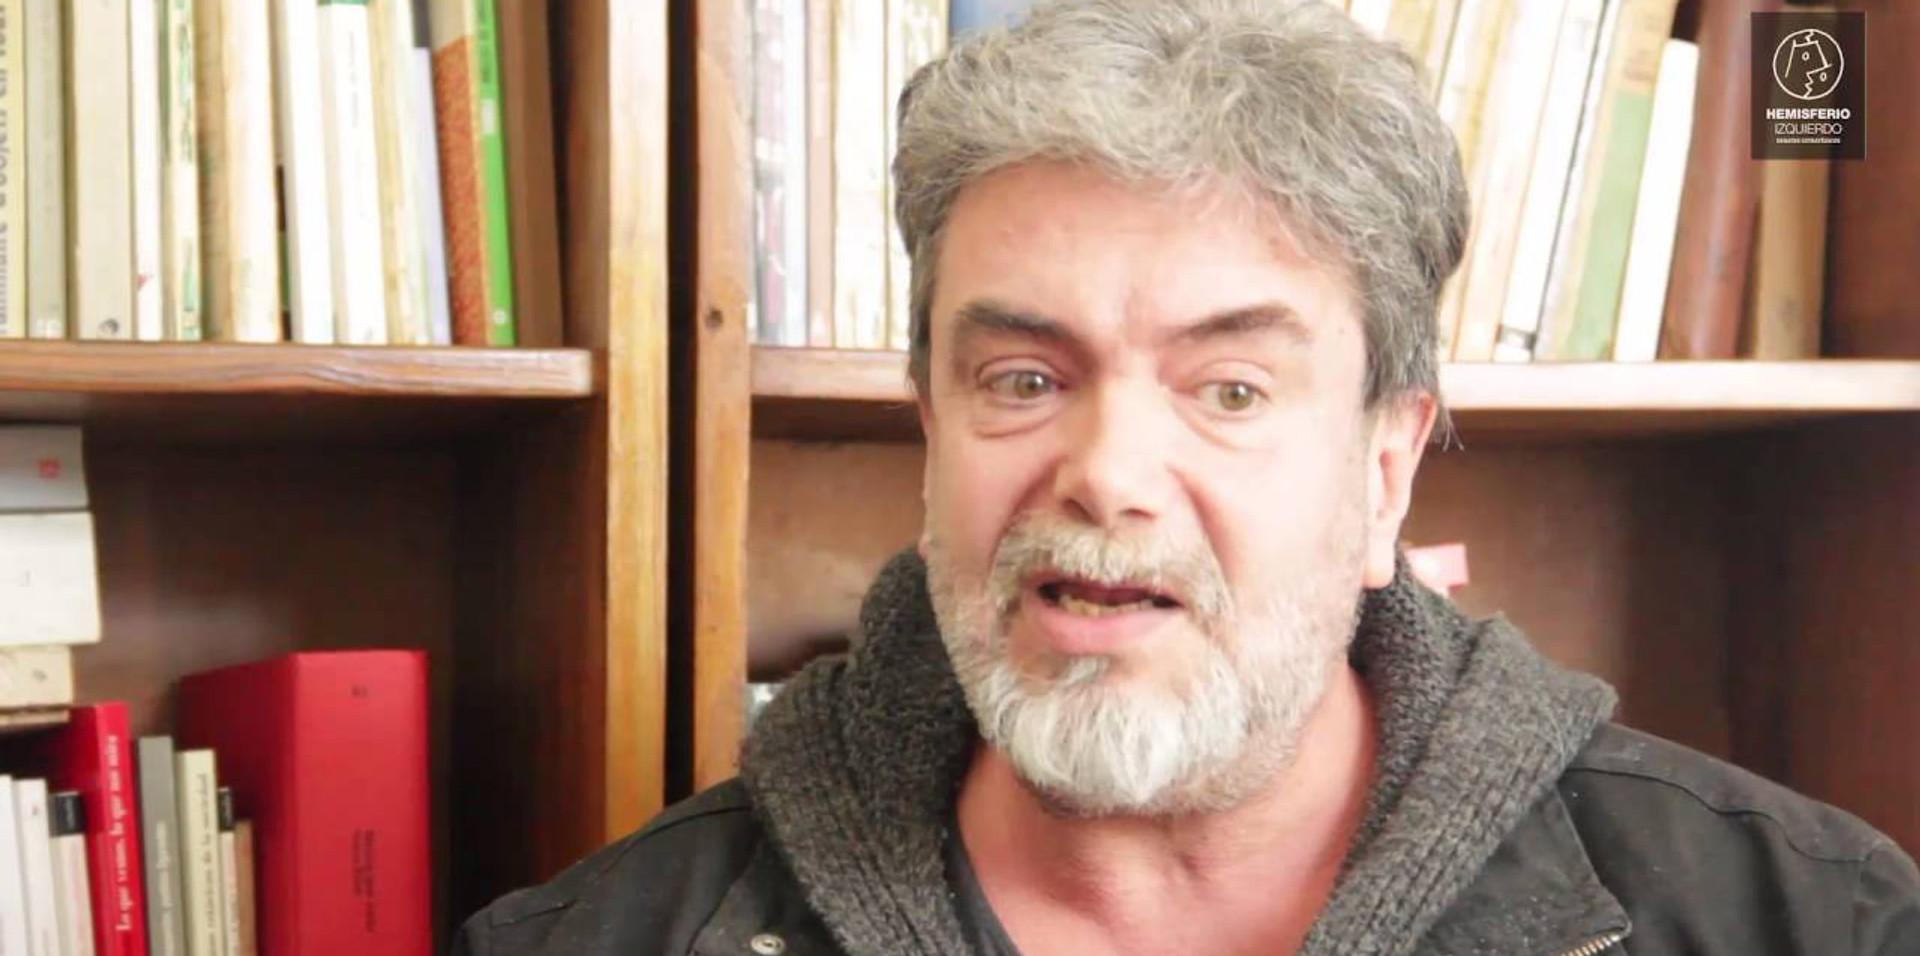 Entrevista a Sandino Nuñez: liberalismos, izquierdas y democracia